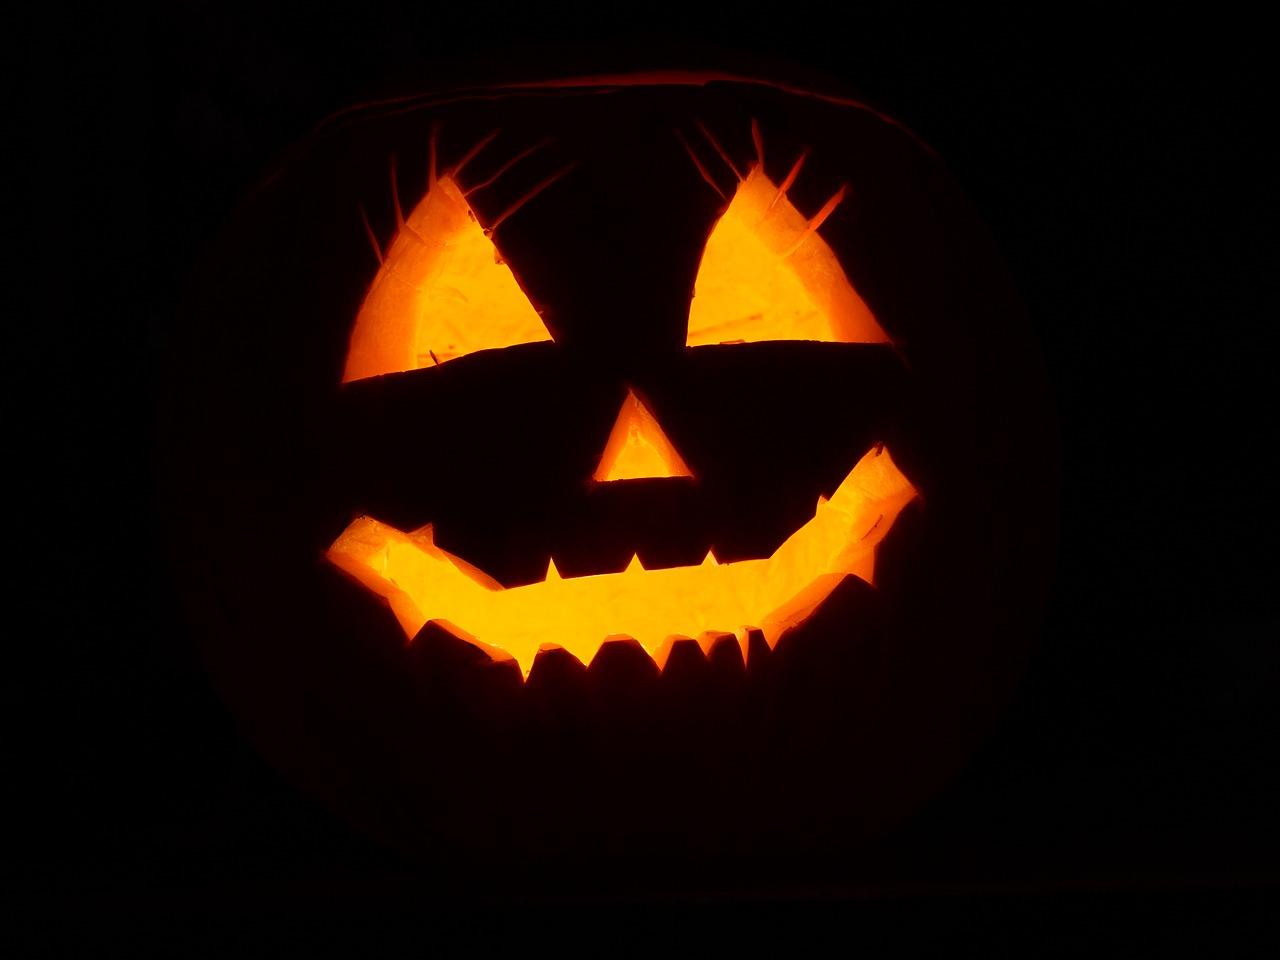 Hoe Maak Je Een Halloween Pompoen.Halloween Versiering Halloween Knutselwerkjes Mamablog